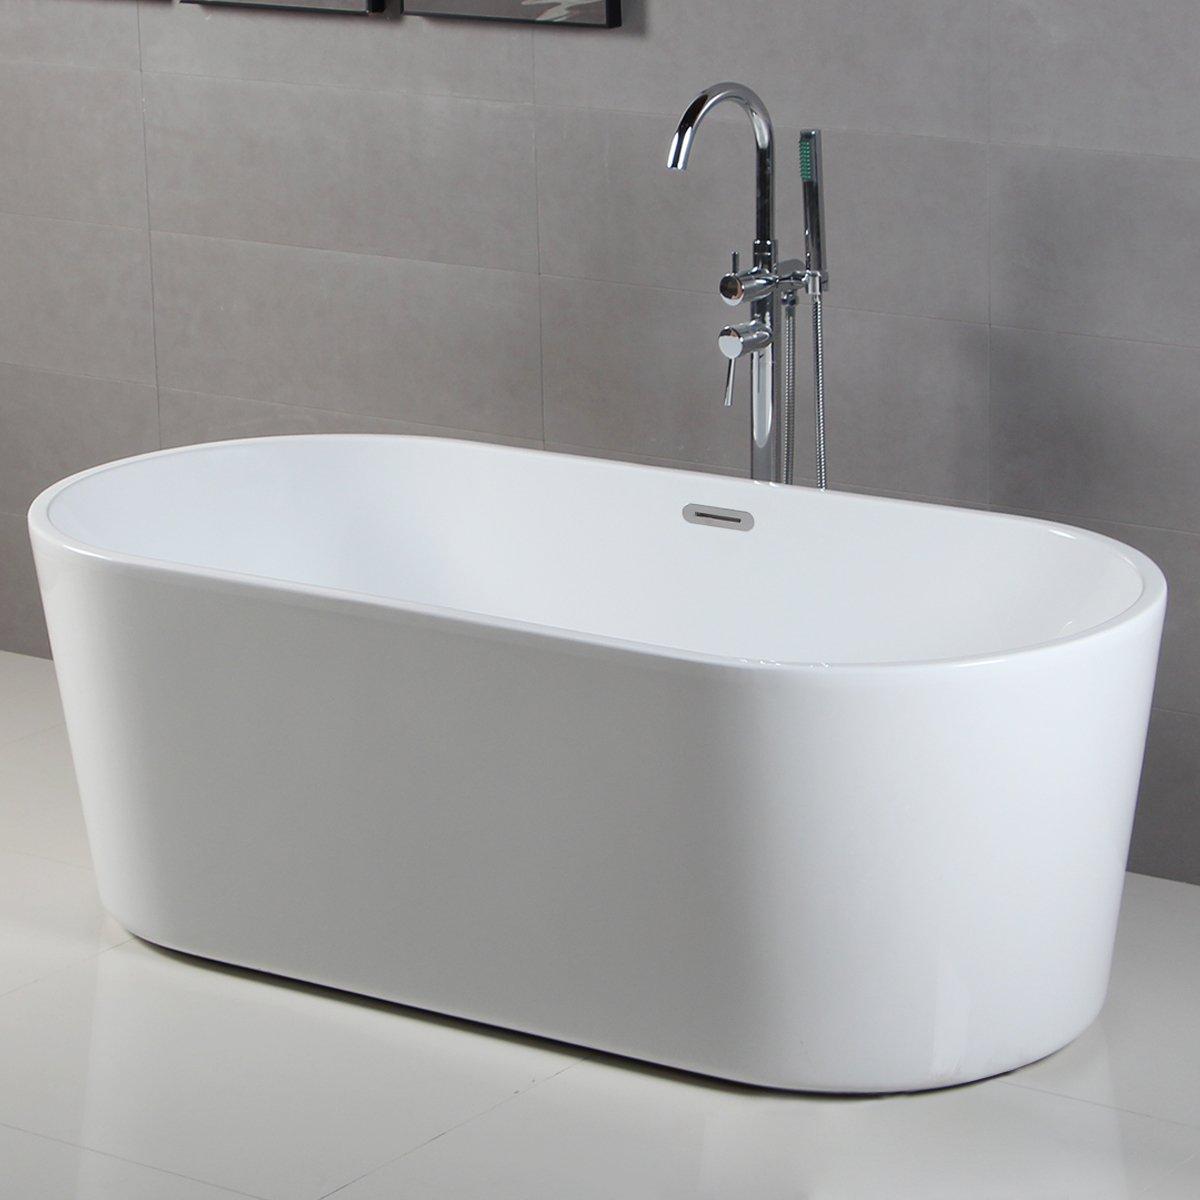 ferdy bathroom acrylic soaking bathtub white color